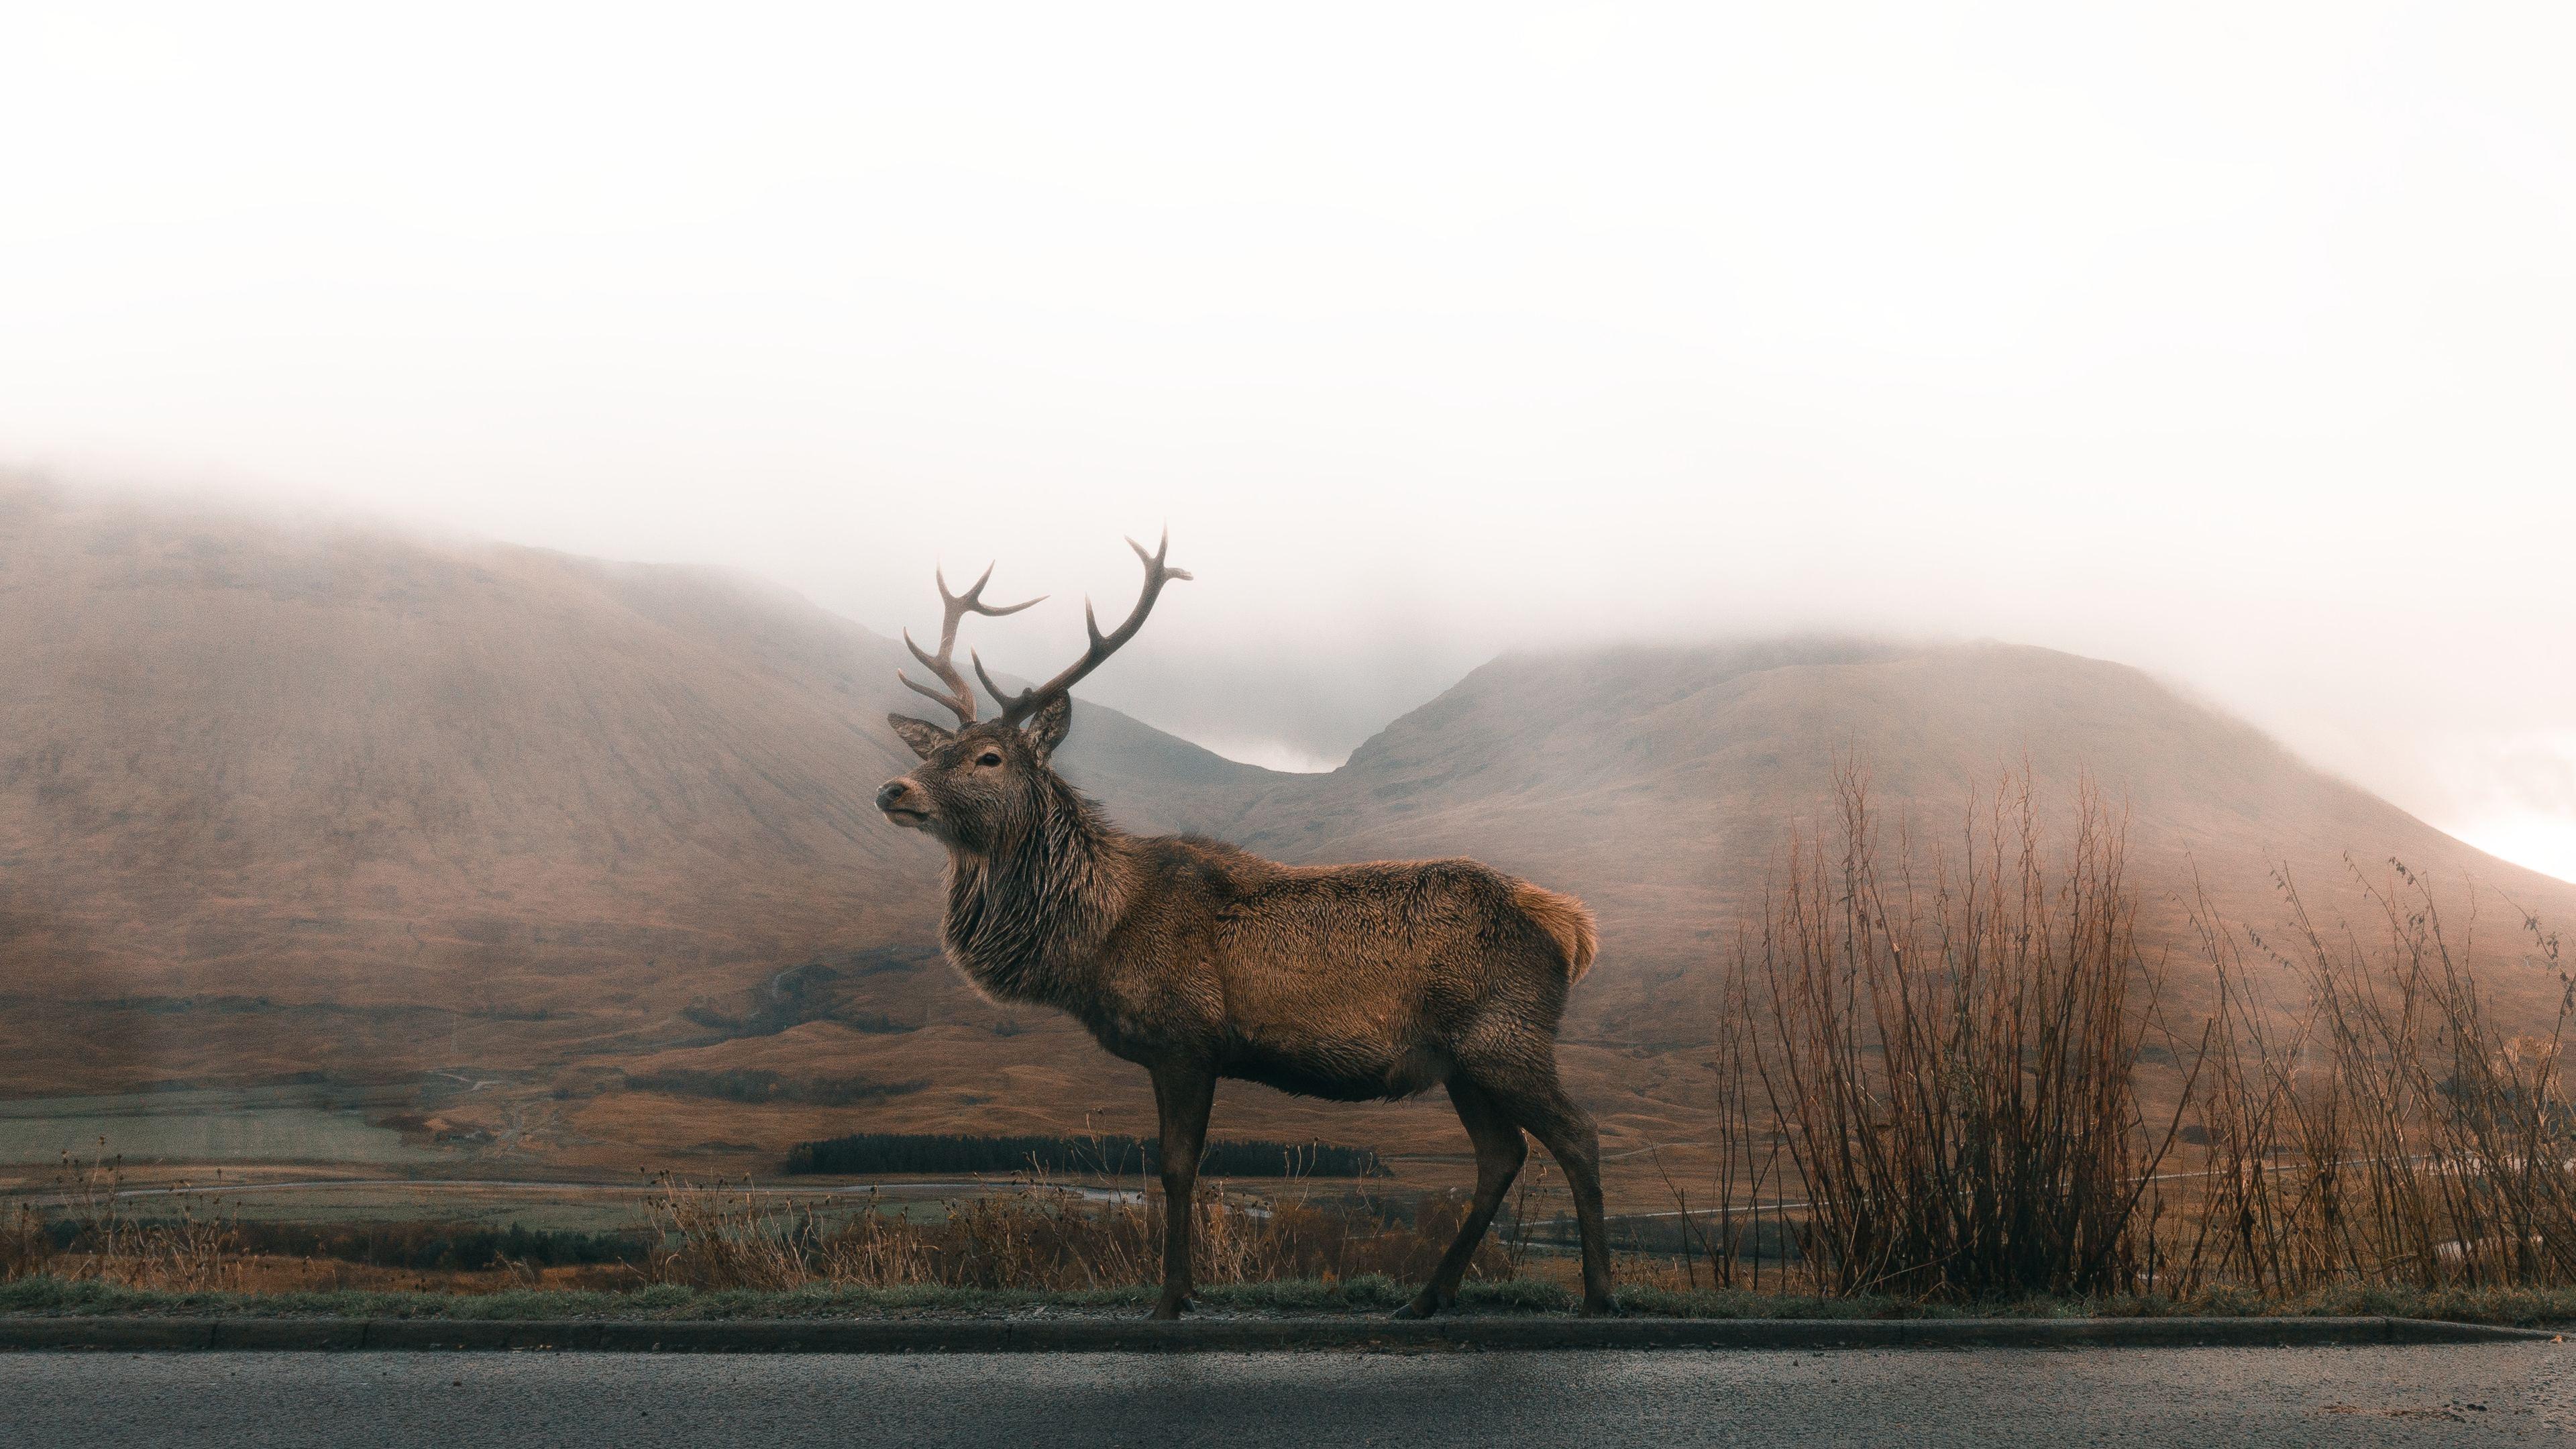 reindeer 4k 1546279495 - Reindeer 4k - reindeer wallpapers, photography wallpapers, hd-wallpapers, animals wallpapers, 4k-wallpapers